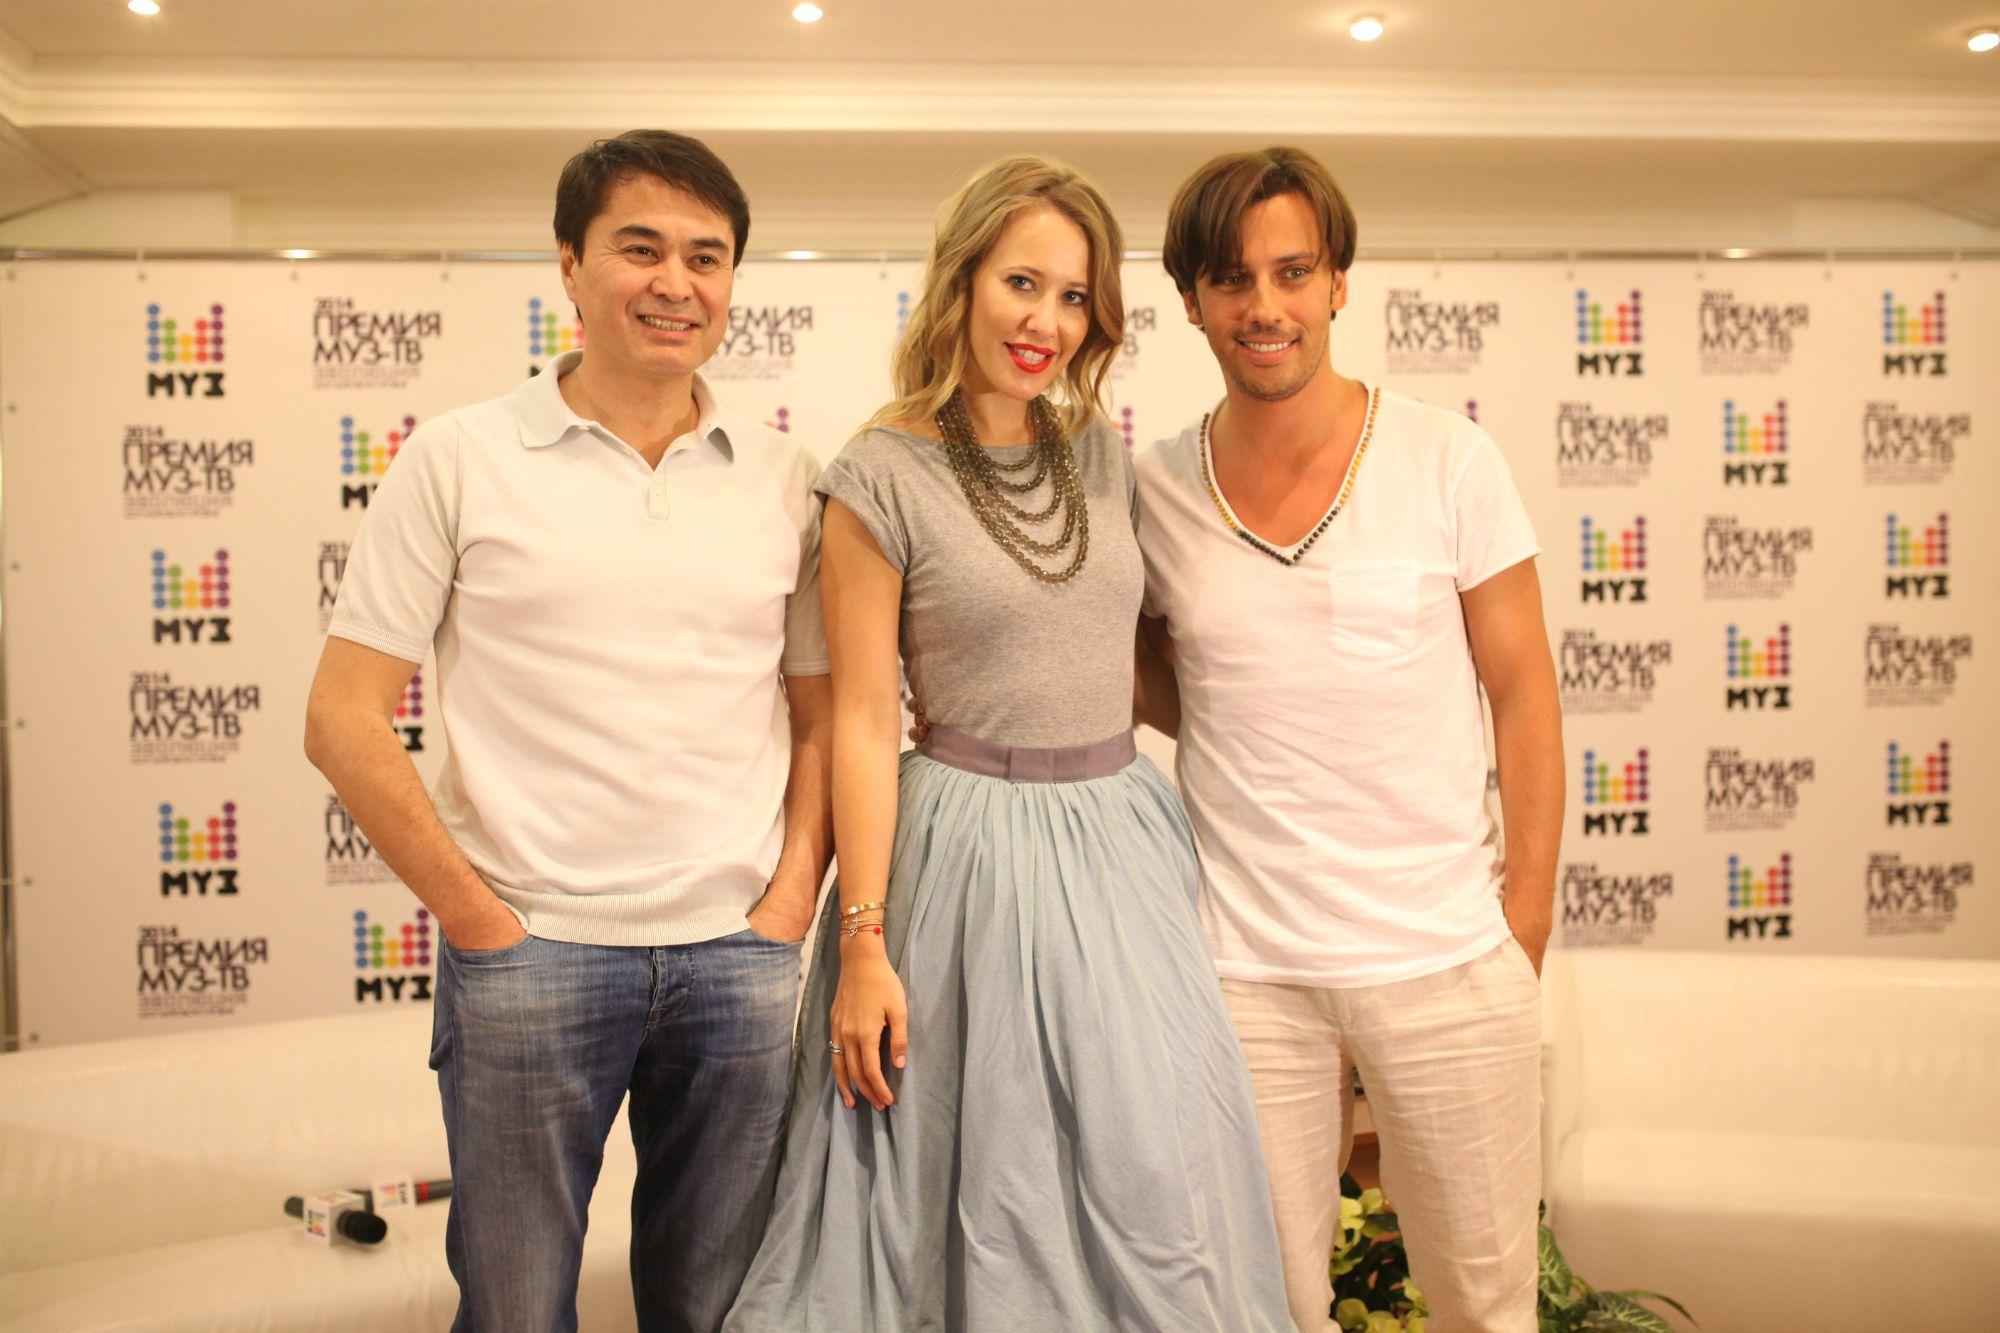 Ведущие премии МУЗ-ТВ в 2014 году Ксения Собчак и Максим Галкин